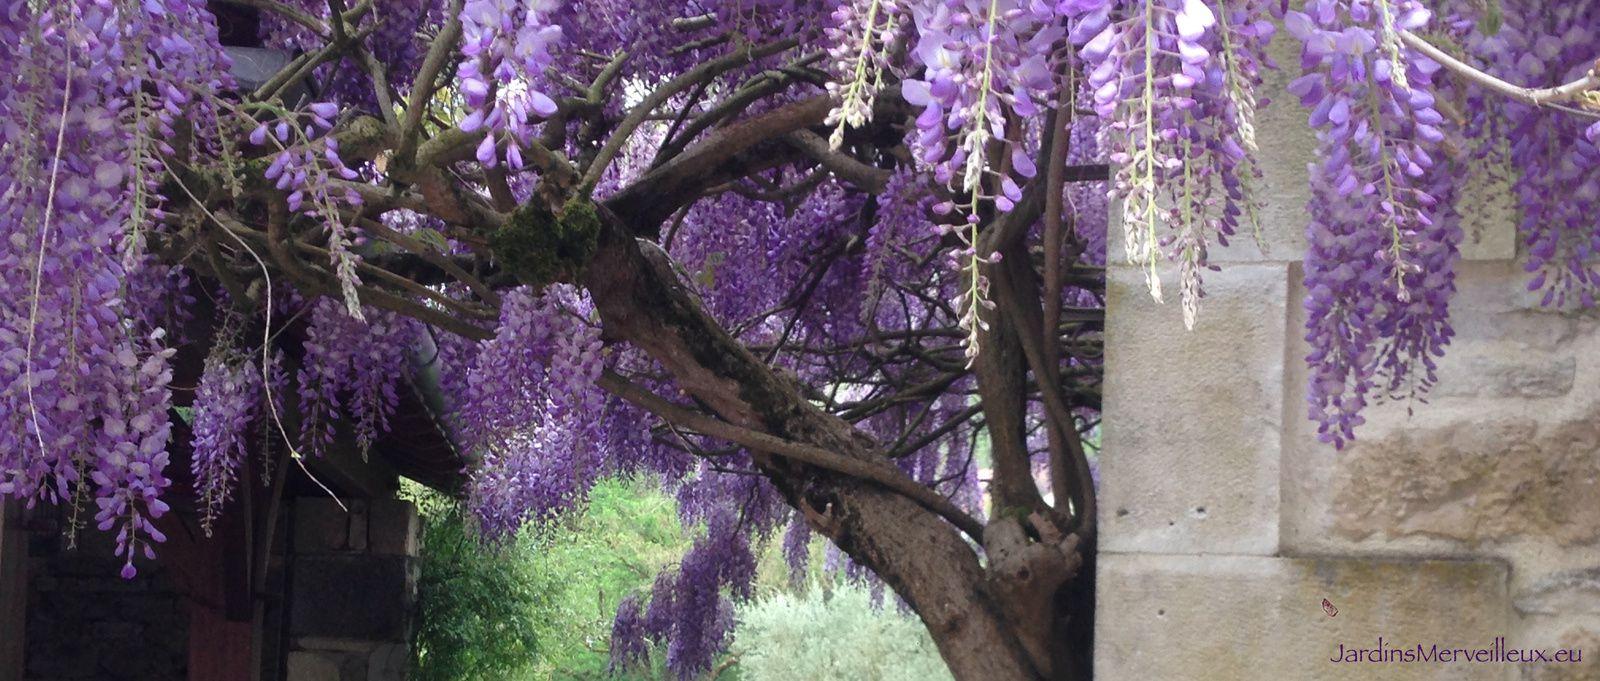 Glycine de Chine (wisteria sinensis)